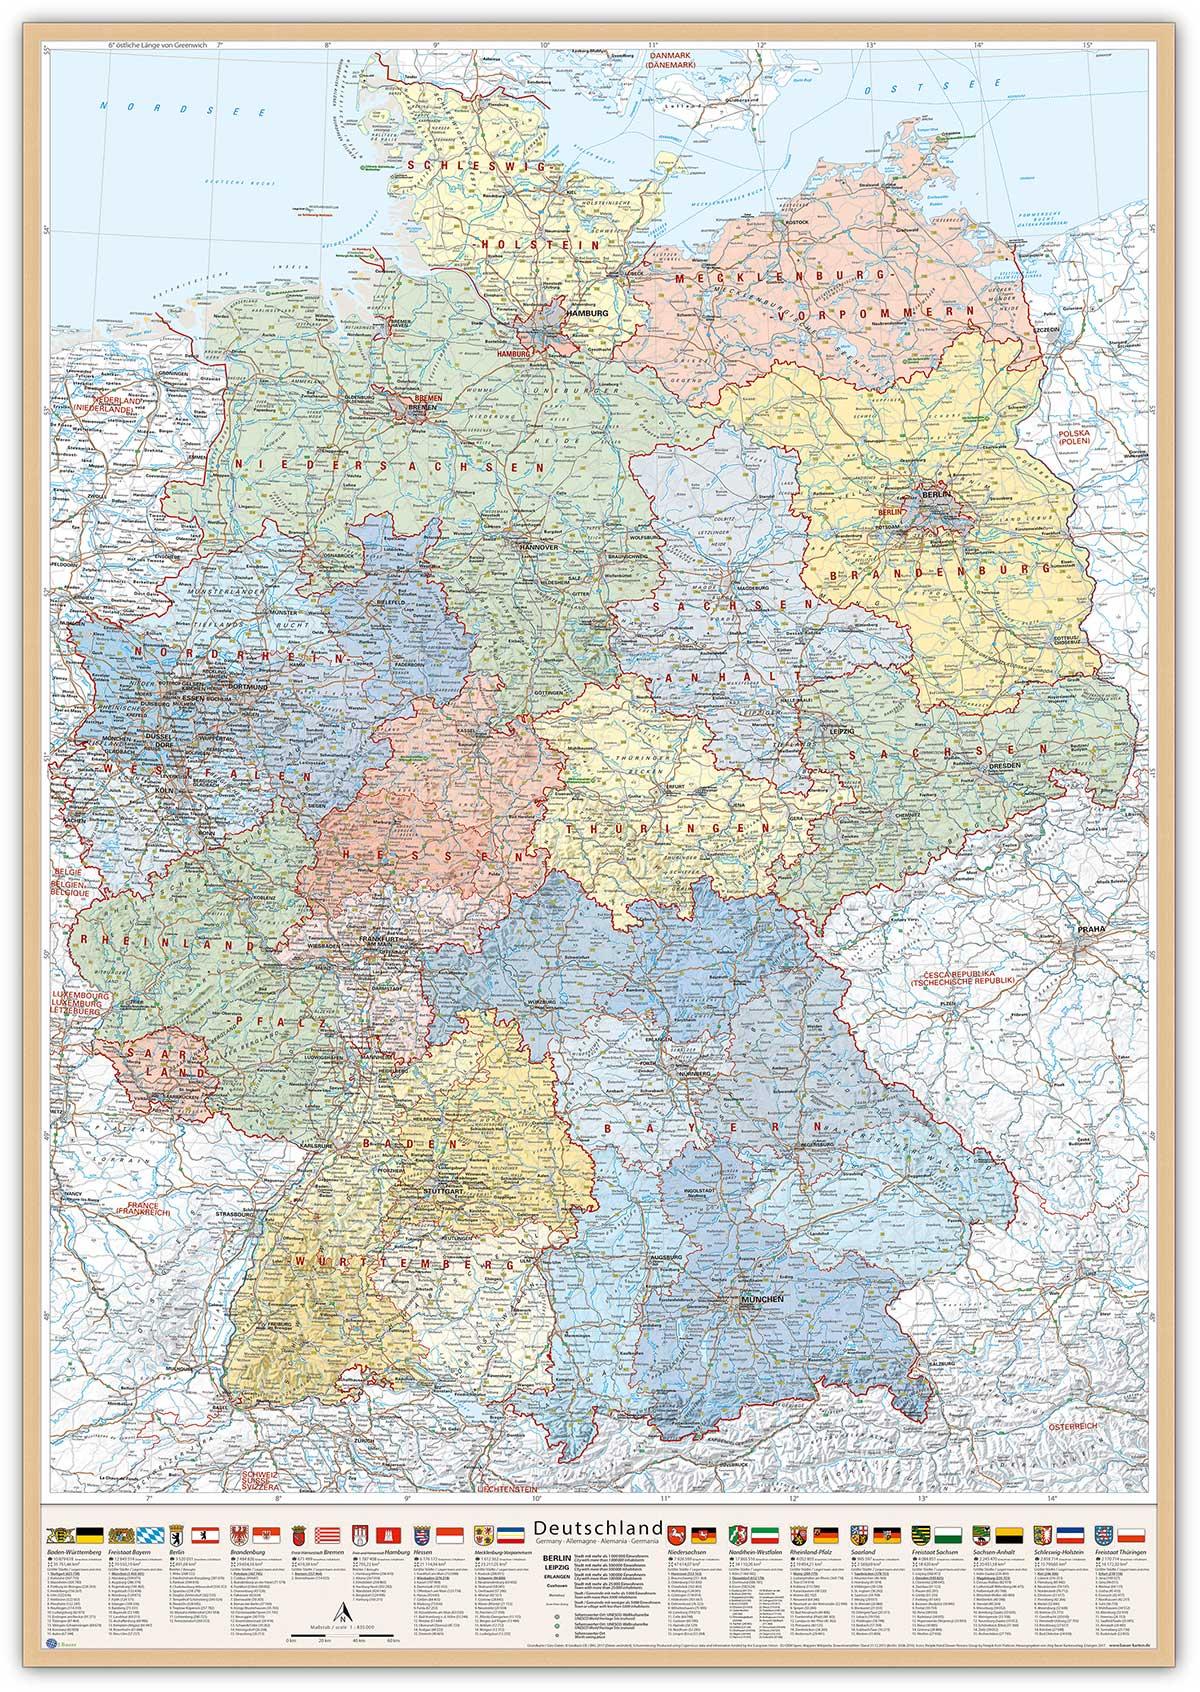 Deutschland-Karte Politisch (Bundesländer), 80 x 120 cm, Pinnwand im Holz-Rahmen (natur)